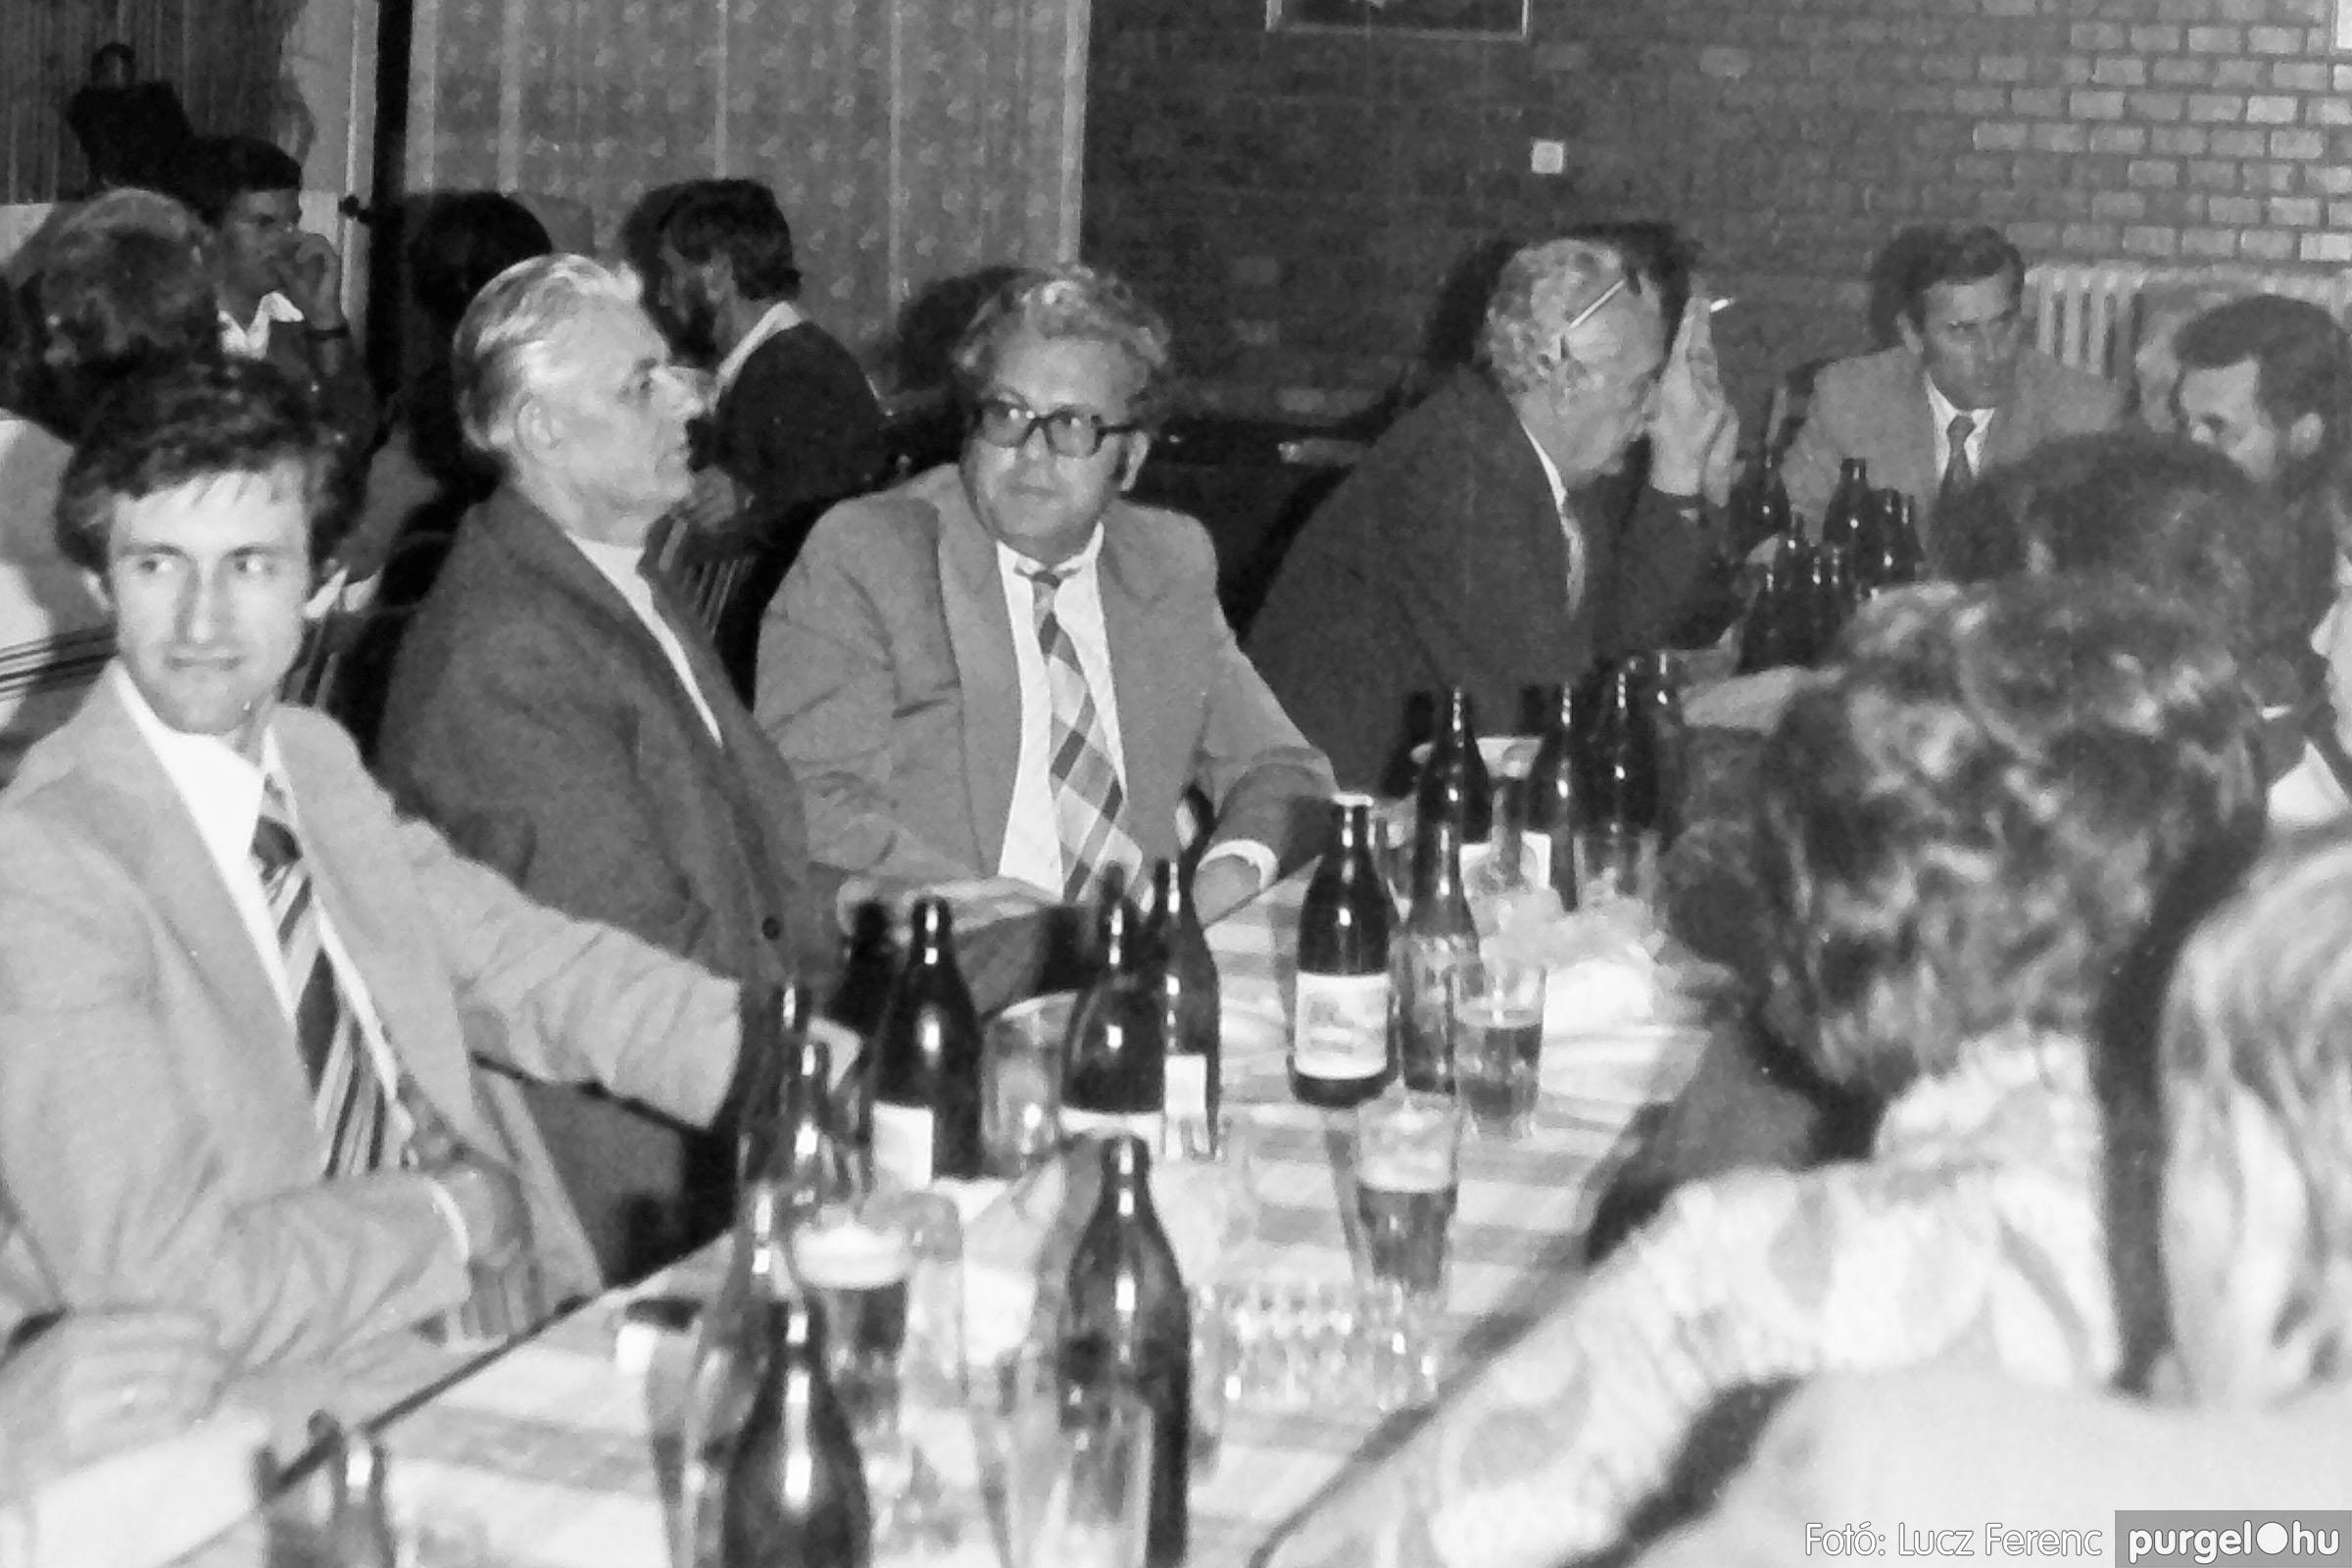 120. 1978. Rendezvény a pártházban 012. - Fotó: Lucz Ferenc.jpg